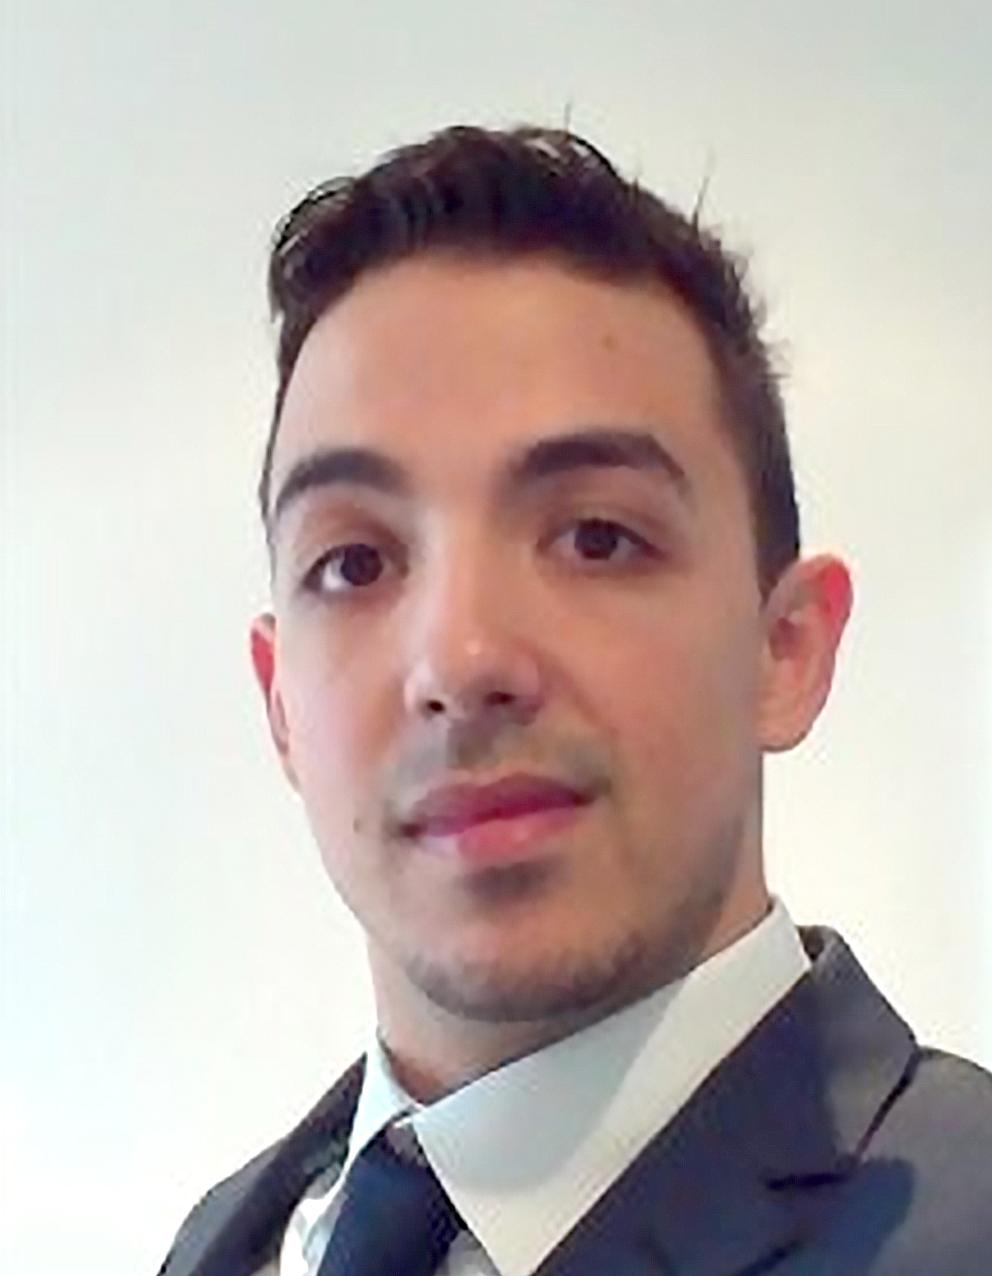 Eric Viola